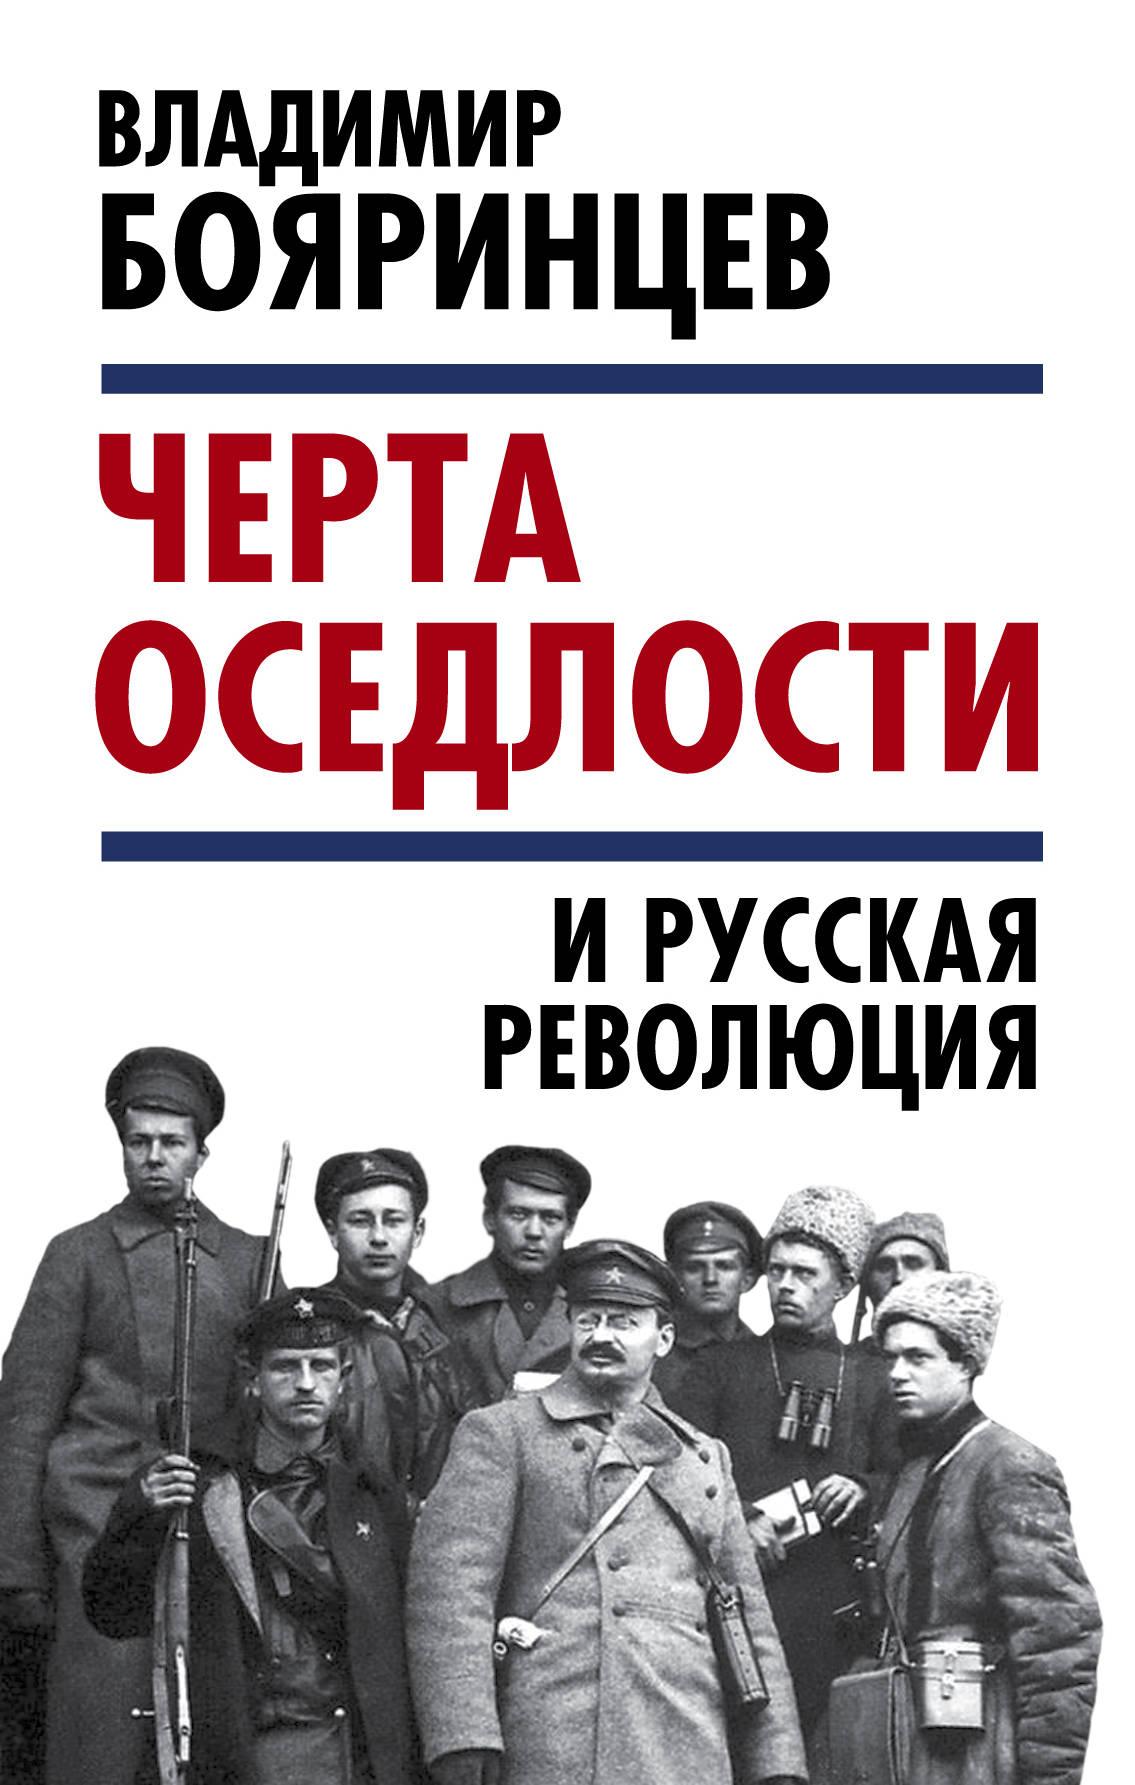 Владимир Бояринцев Черта оседлости и русская революция